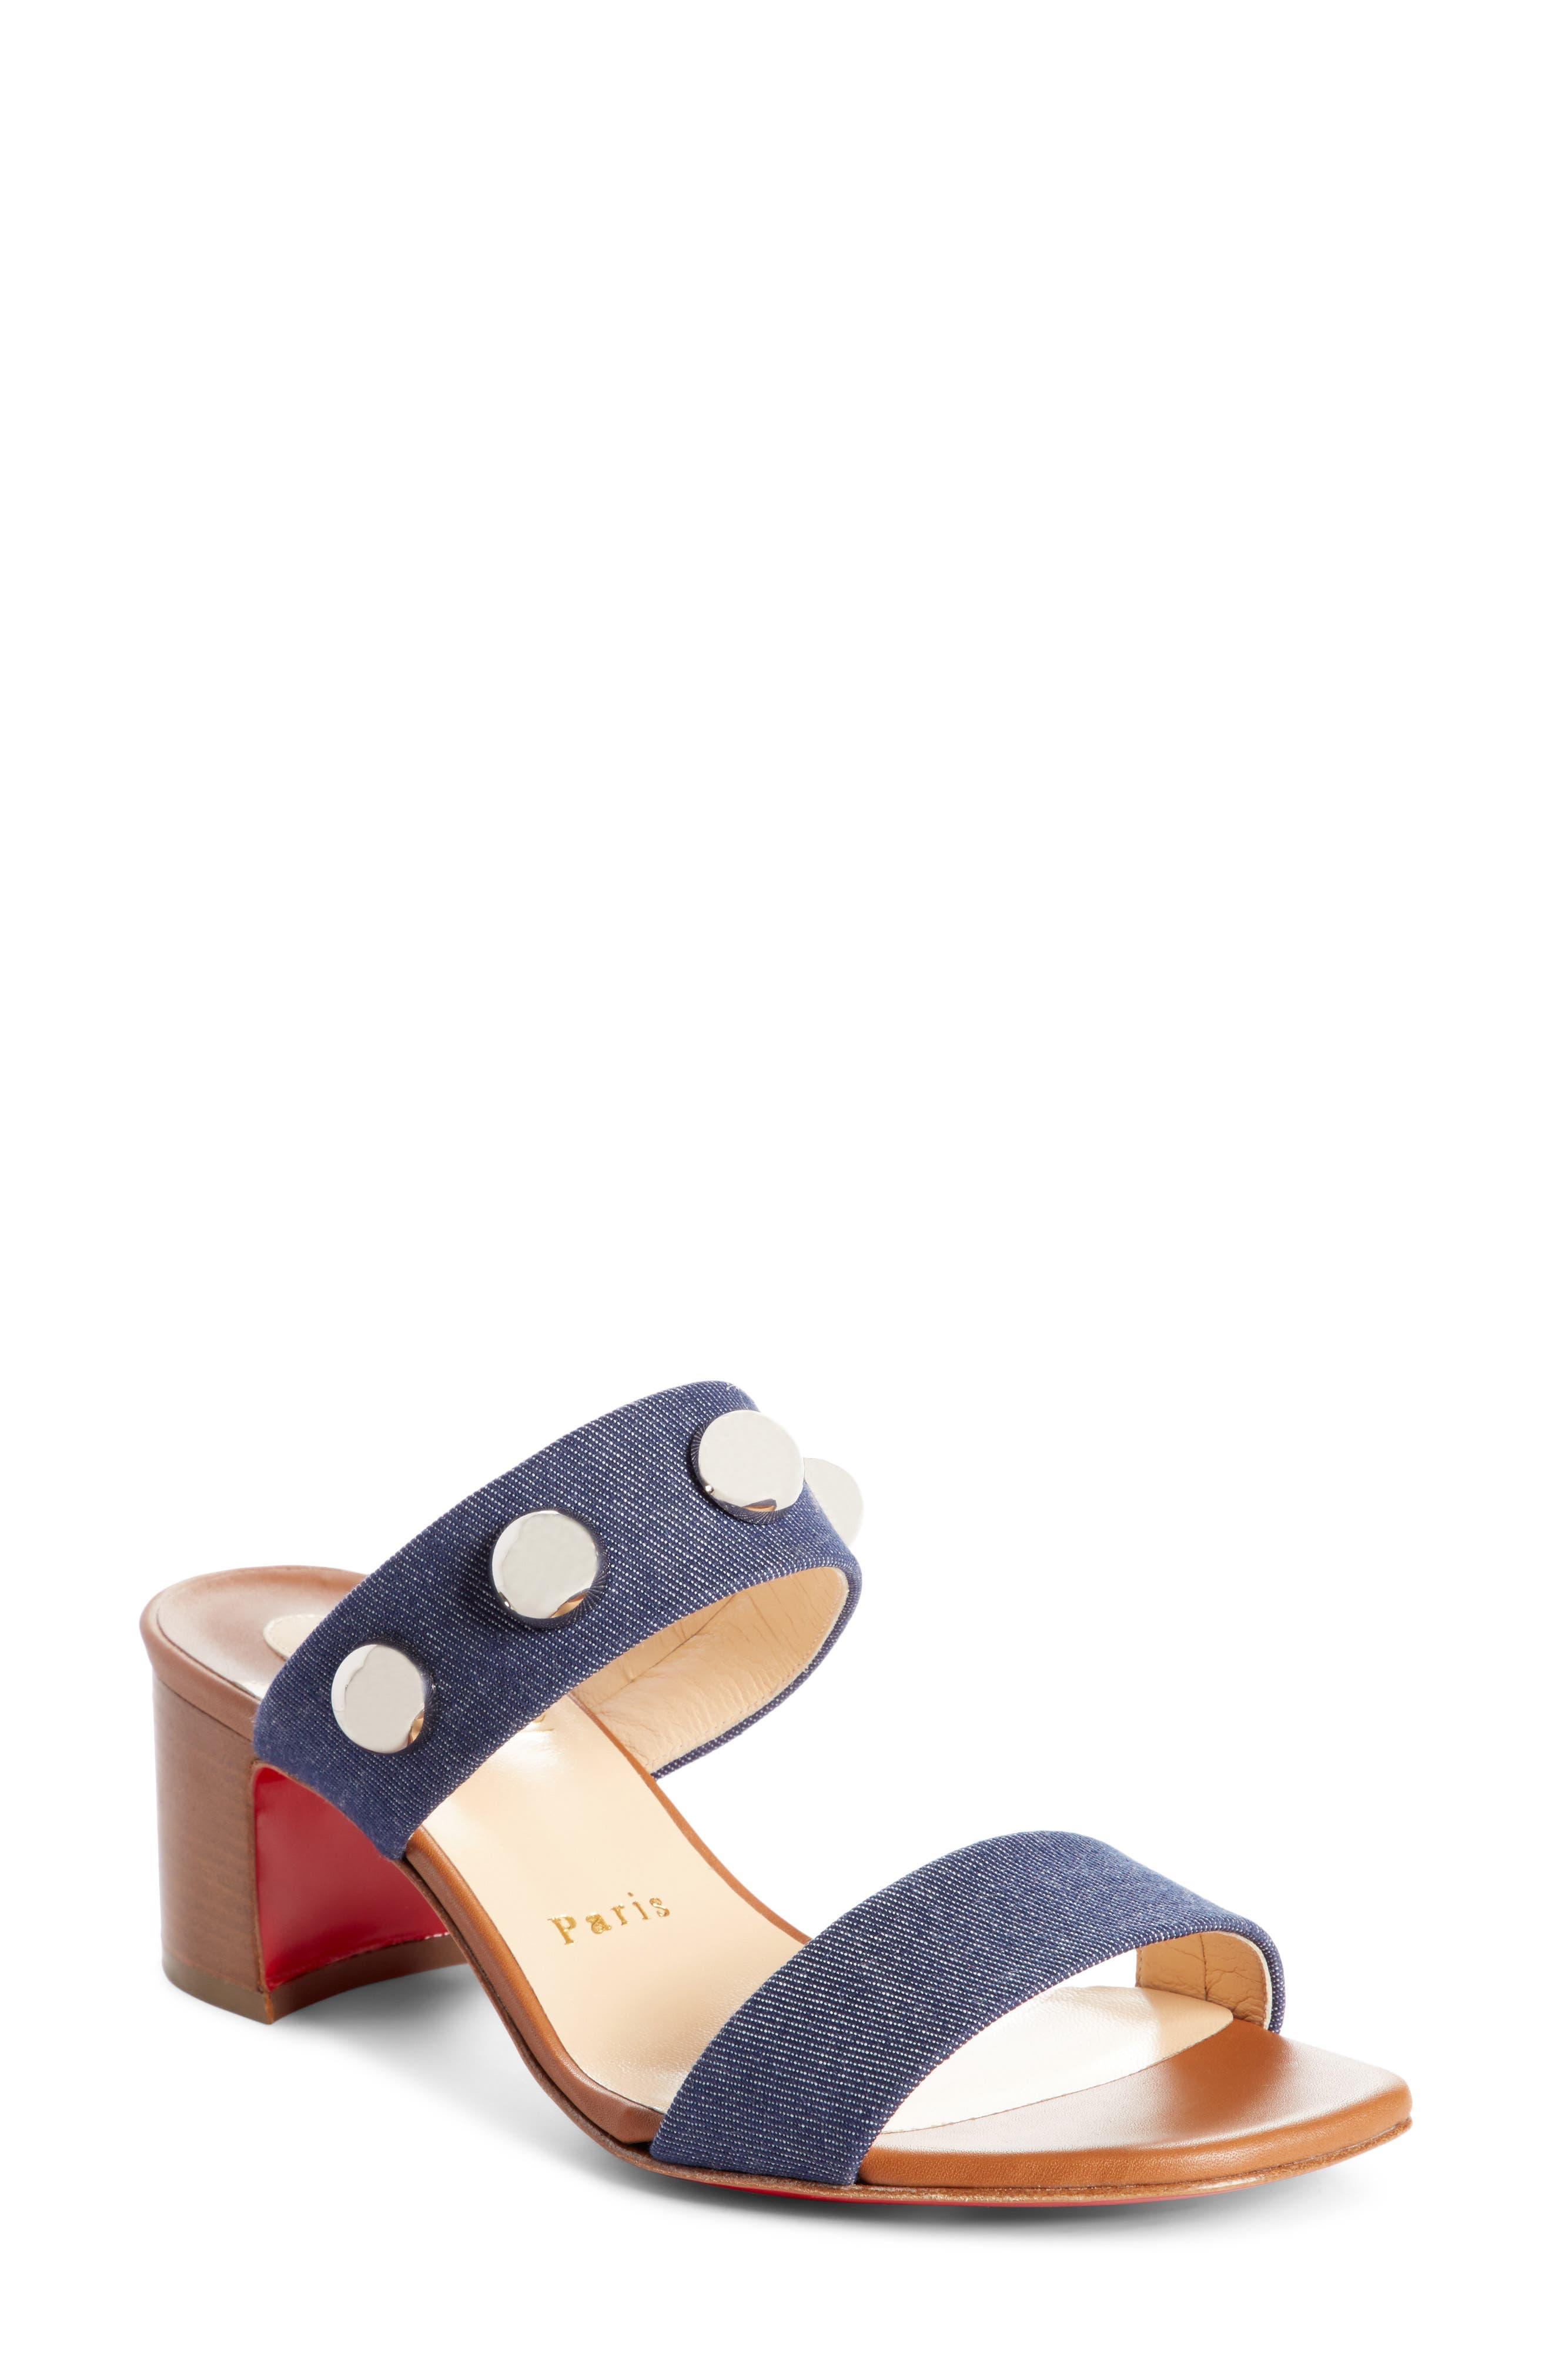 Alternate Image 1 Selected - Christian Louboutin Simple Bille Ornament Slide Sandal (Women)